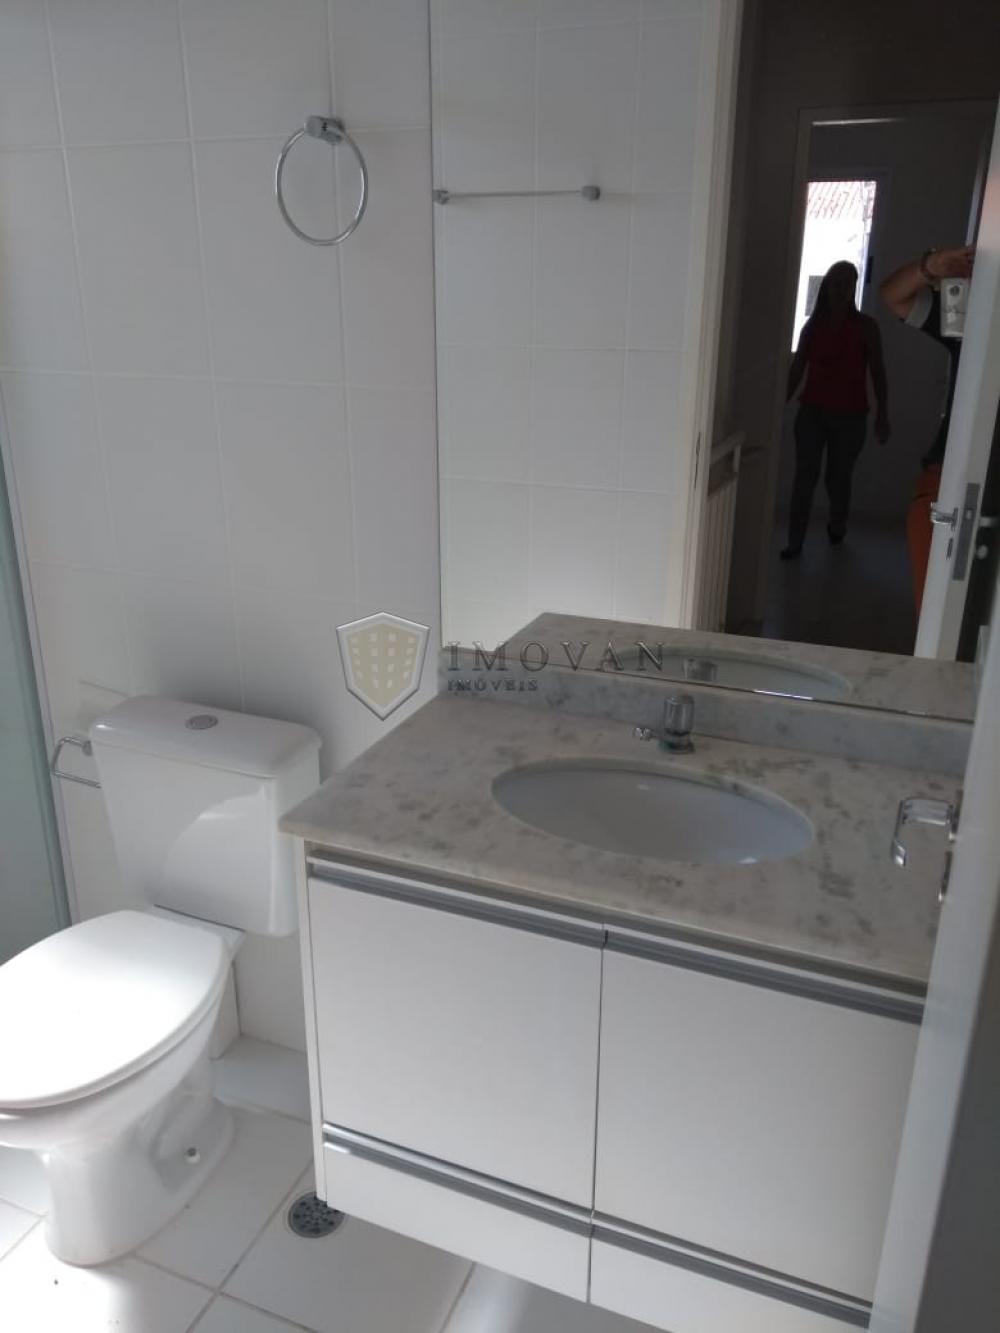 Comprar Casa / Condomínio em Ribeirão Preto apenas R$ 400.000,00 - Foto 4